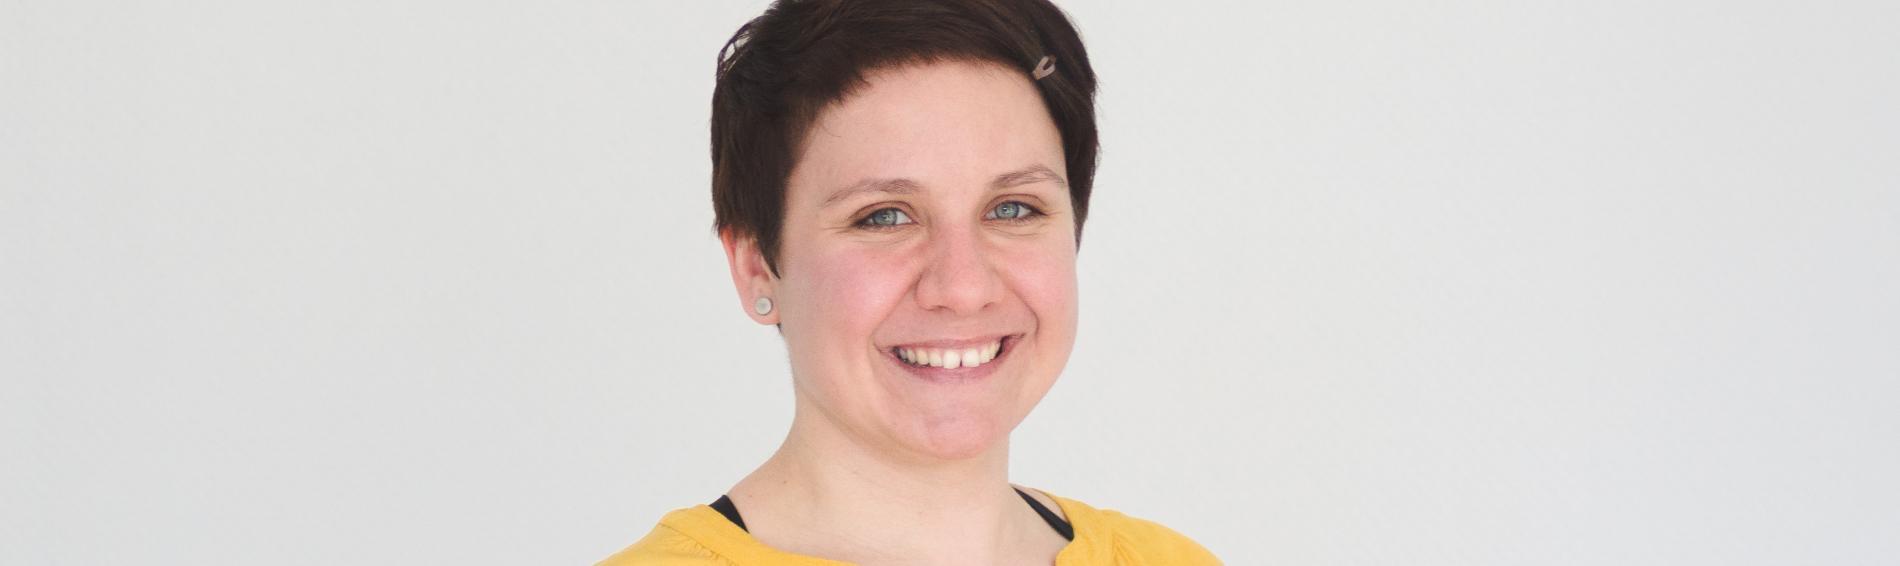 Nora Schneider, Referentin Fundraising, im Interview